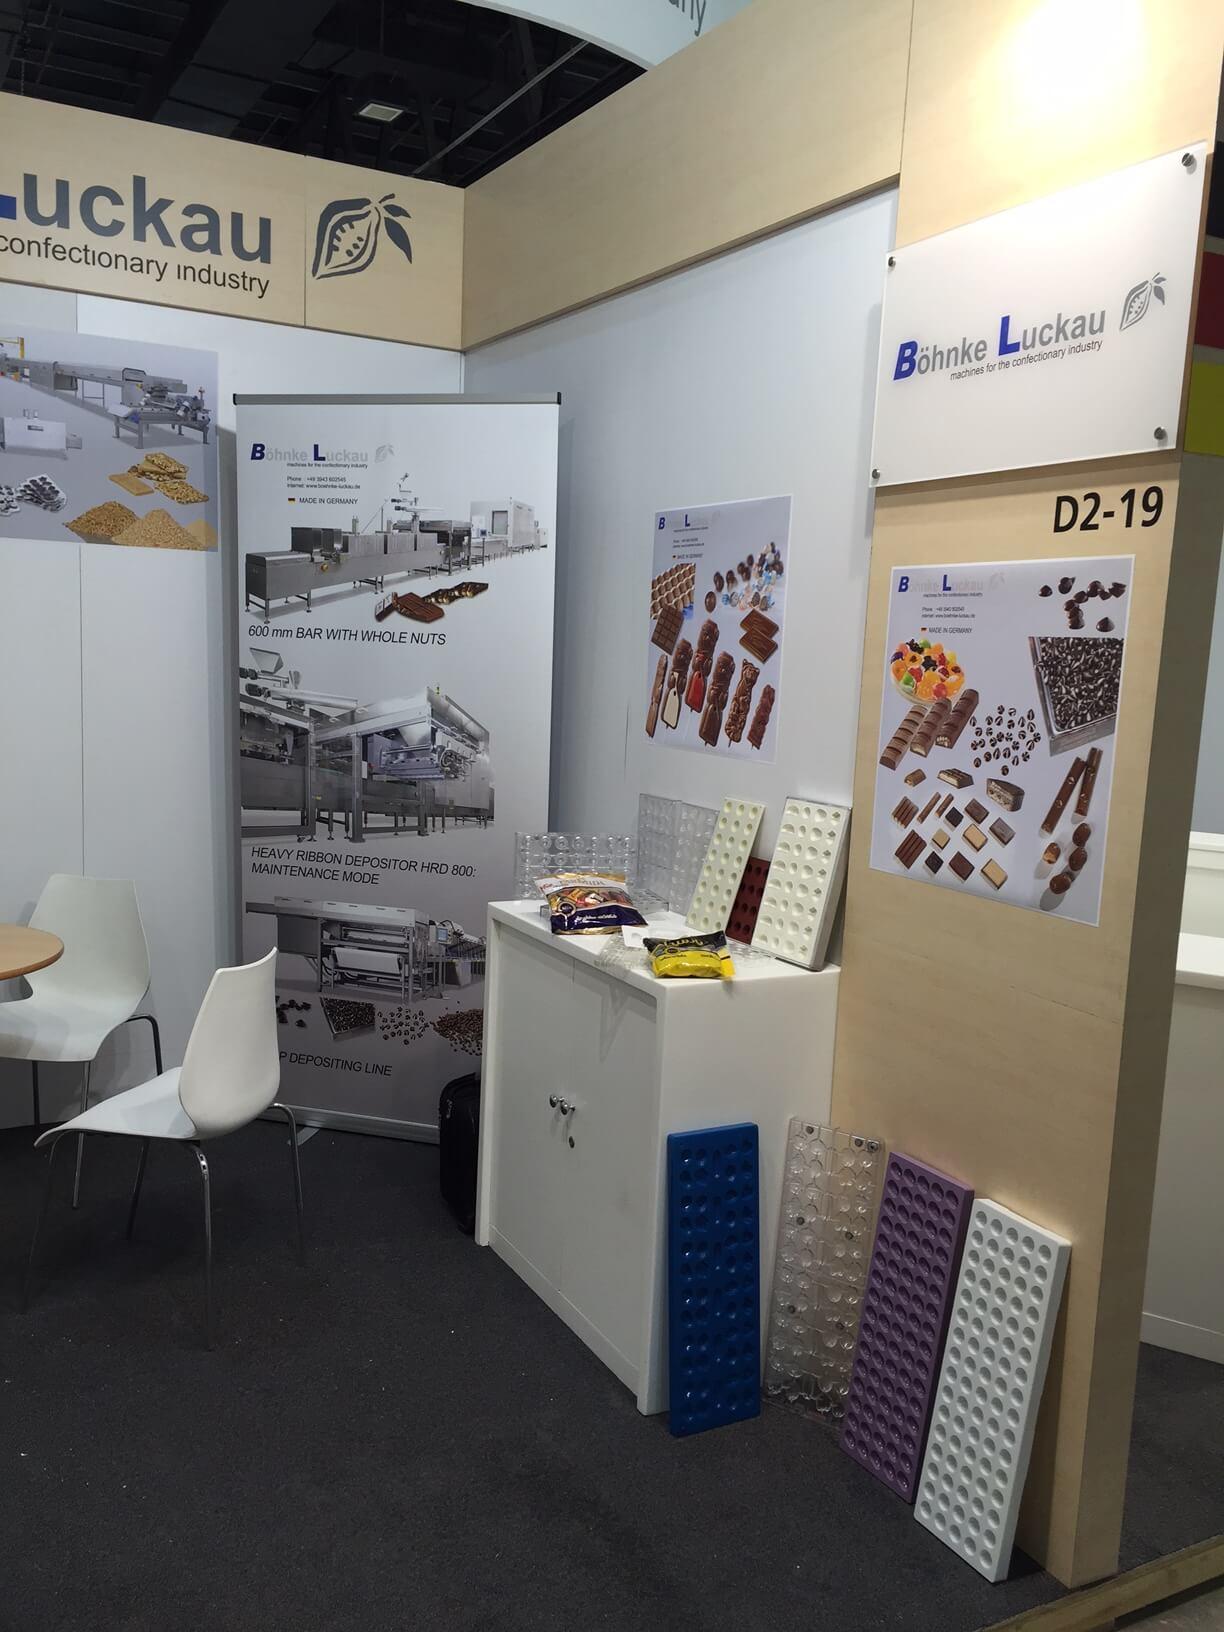 Böhnke & Luckau at the exhibition Dubai fair Gulfood Manufacturing 2016 1